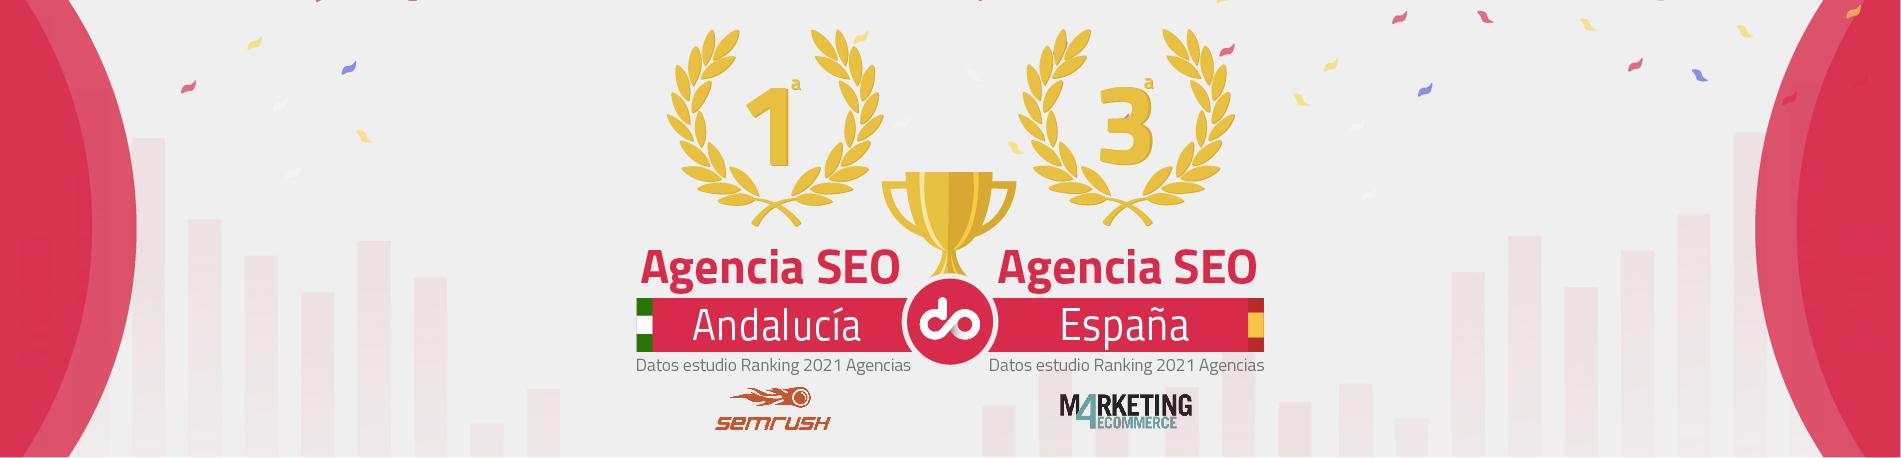 Agencia SEO Granada